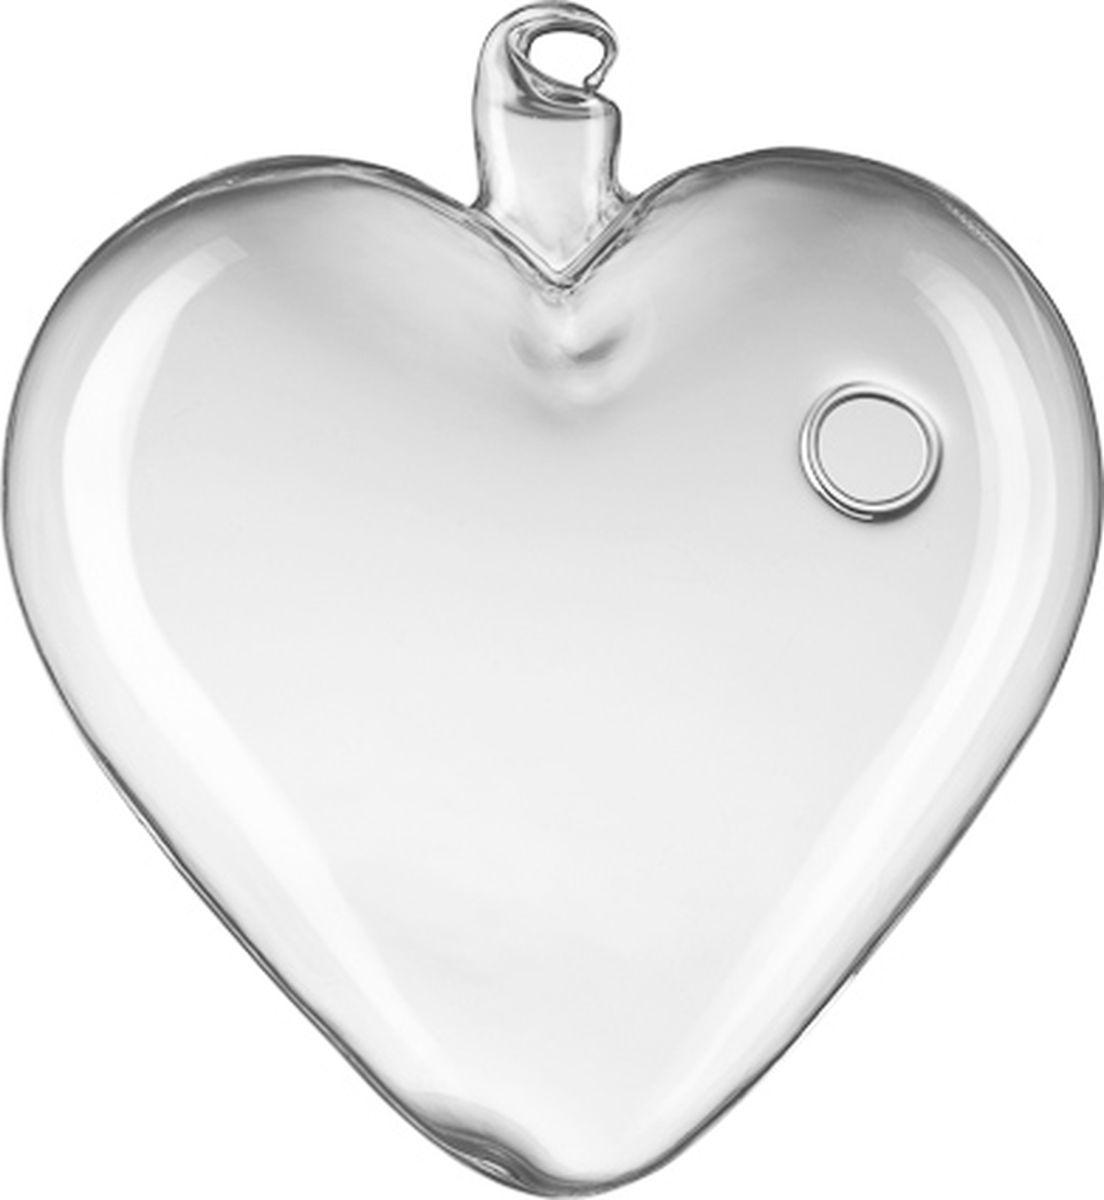 Ваза Engard Сердечко, подвесная, 10 см бутыль декоративная engard высота 15 см